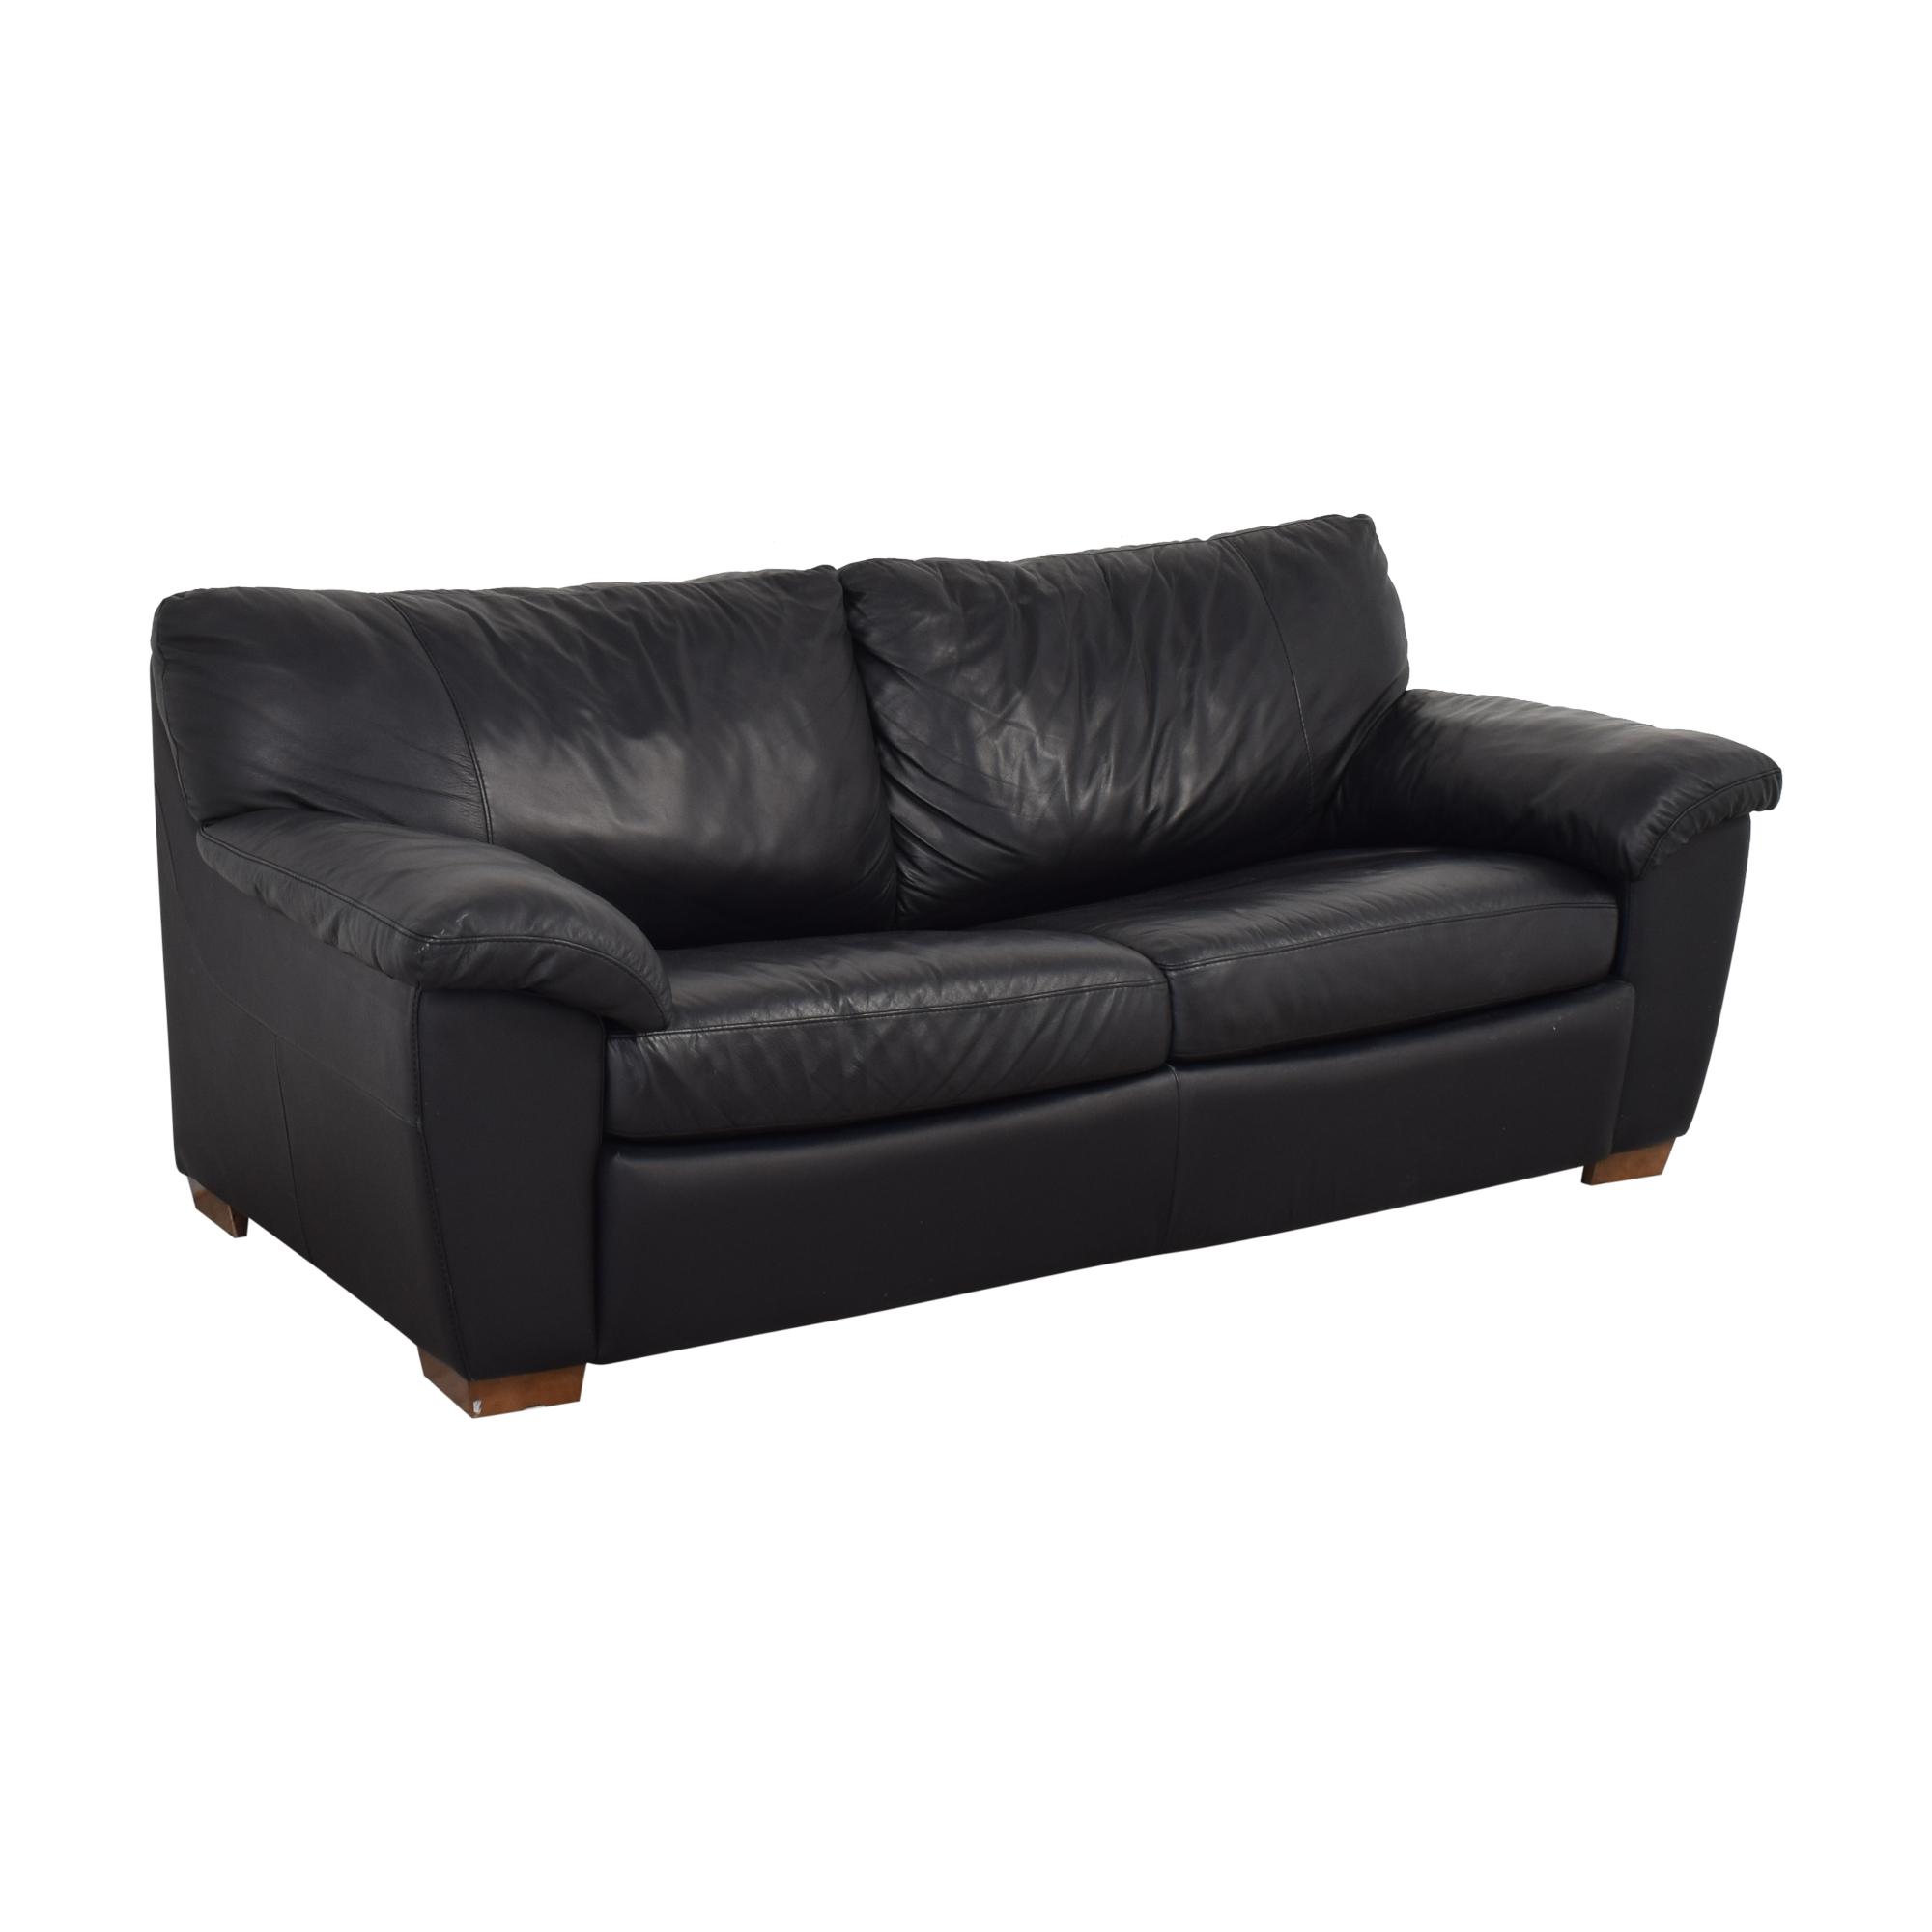 IKEA Vreta Pull Out Sofa Bed / Sofa Beds